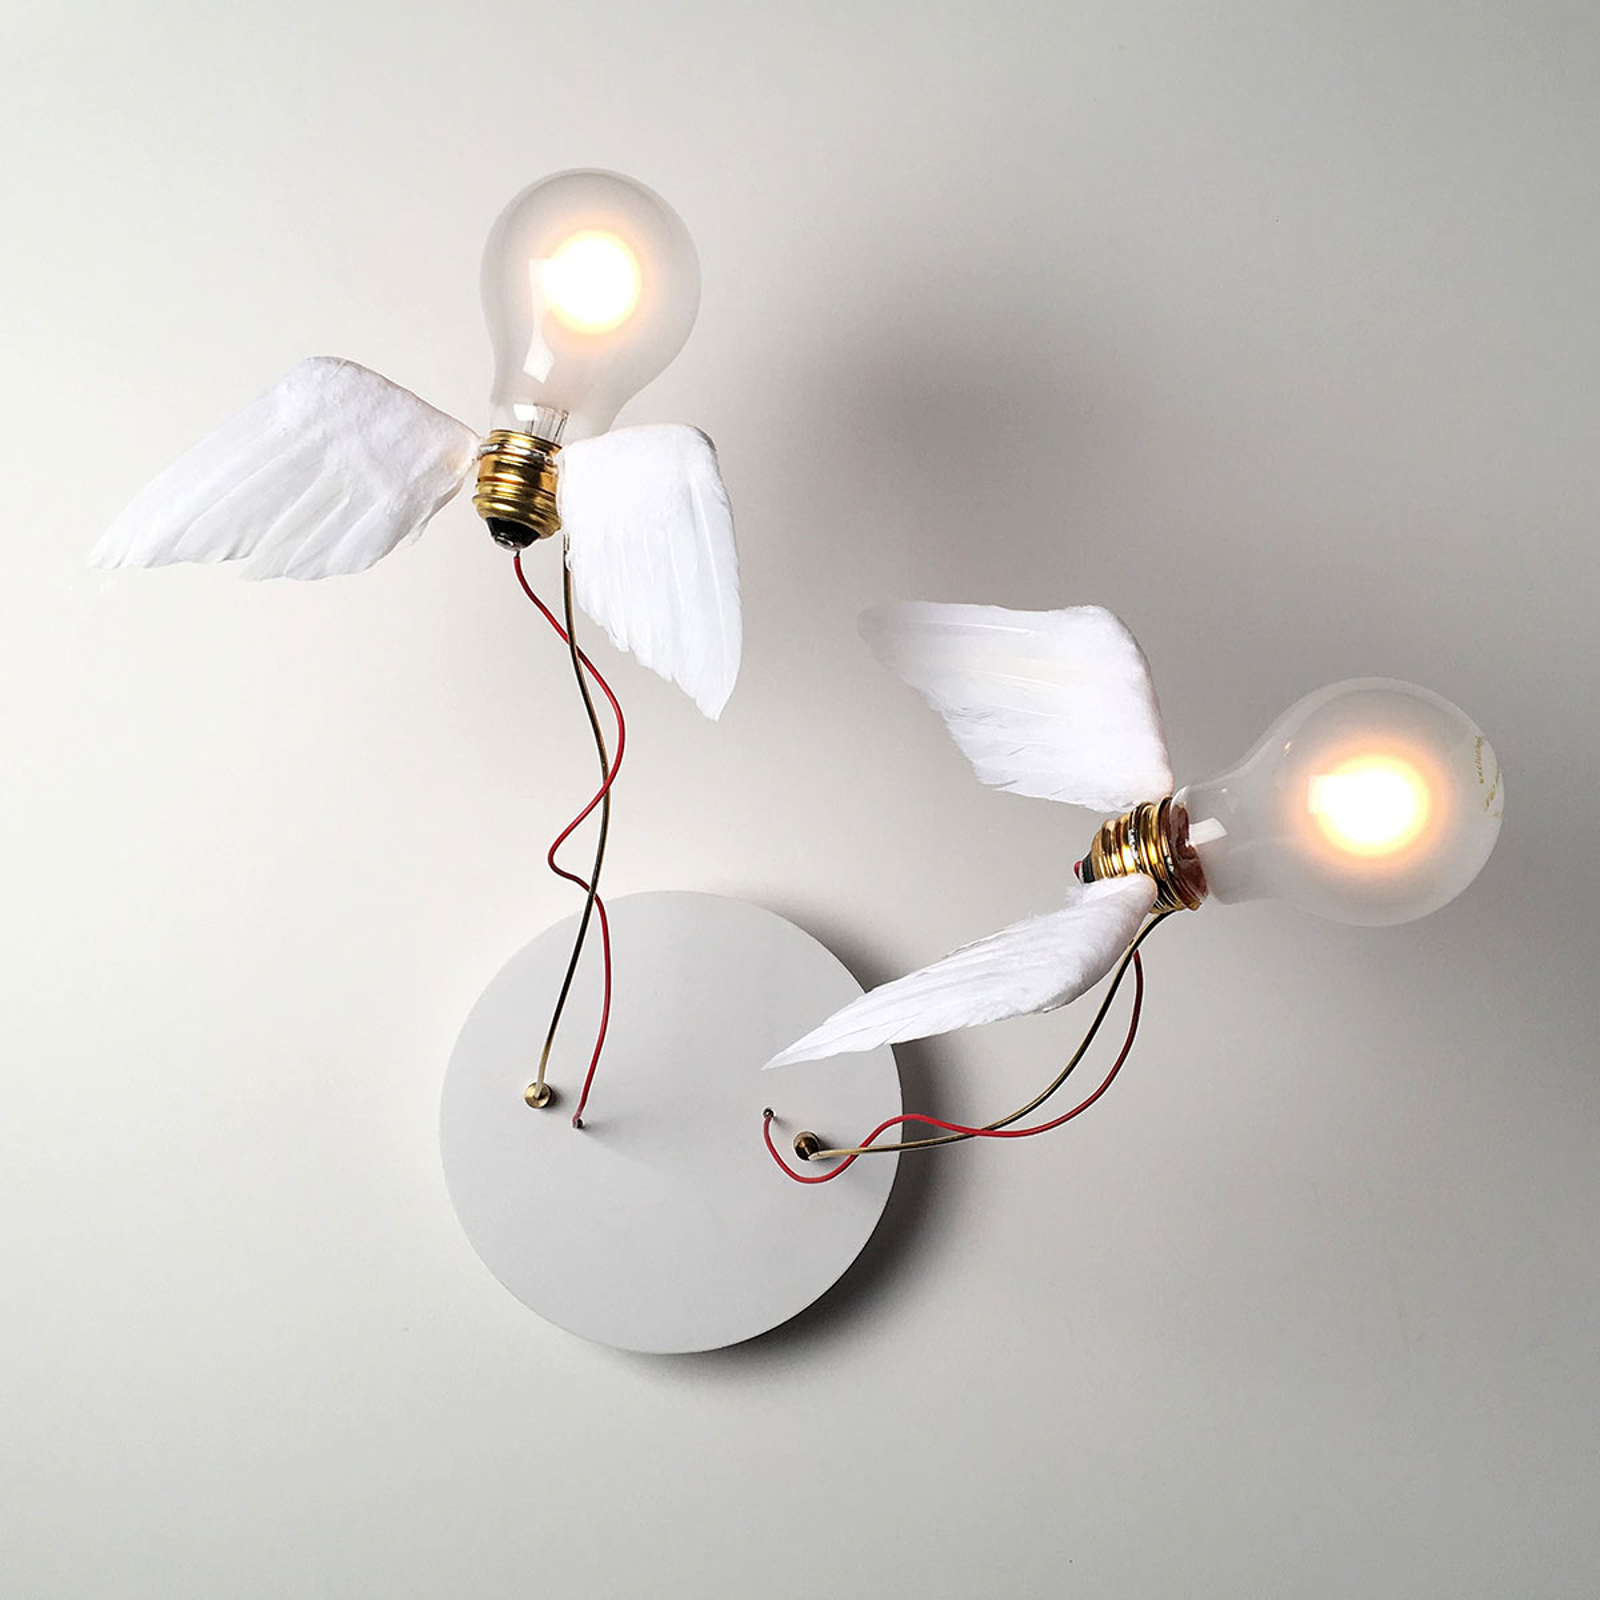 Ingo Maurer Lucellino Doppio LED wandlamp